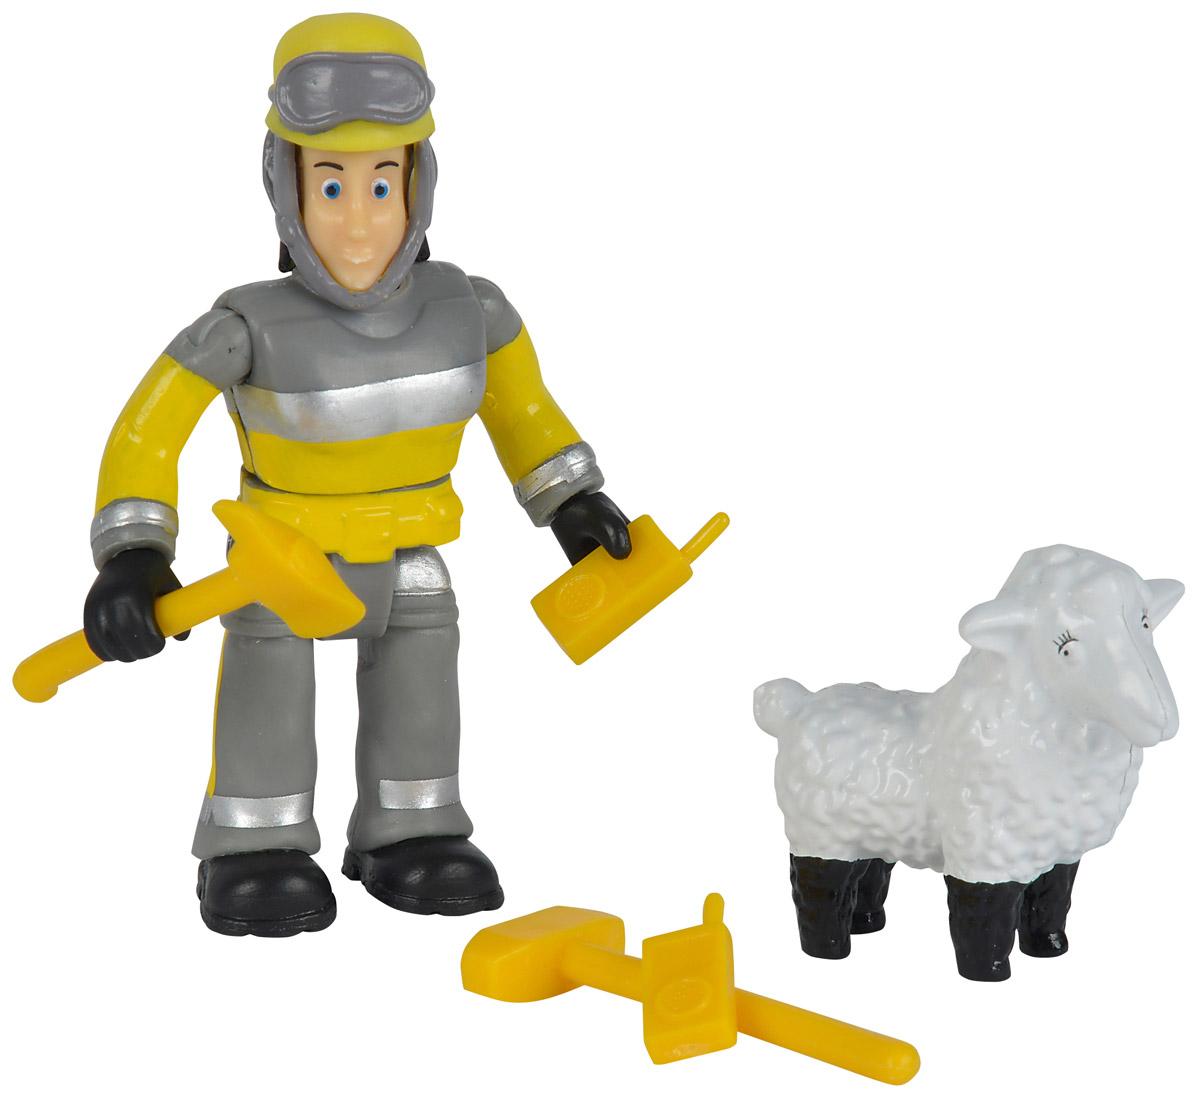 Simba Набор фигурок Elvis & Wolly9259746_овечкаНабор фигурок Simba Elvis & Wolly состоит из фигурки пожарного, его питомца и необходимого на пожаре снаряжения. Конечности фигурки пожарного подвижны и позволяют придавать игрушке различные позы, голова и торс могут поворачиваться, шлем можно снять с головы фигурки, а в руки пожарного можно вложить его инструменты. Набор выполнен из качественного и безопасного пластика.